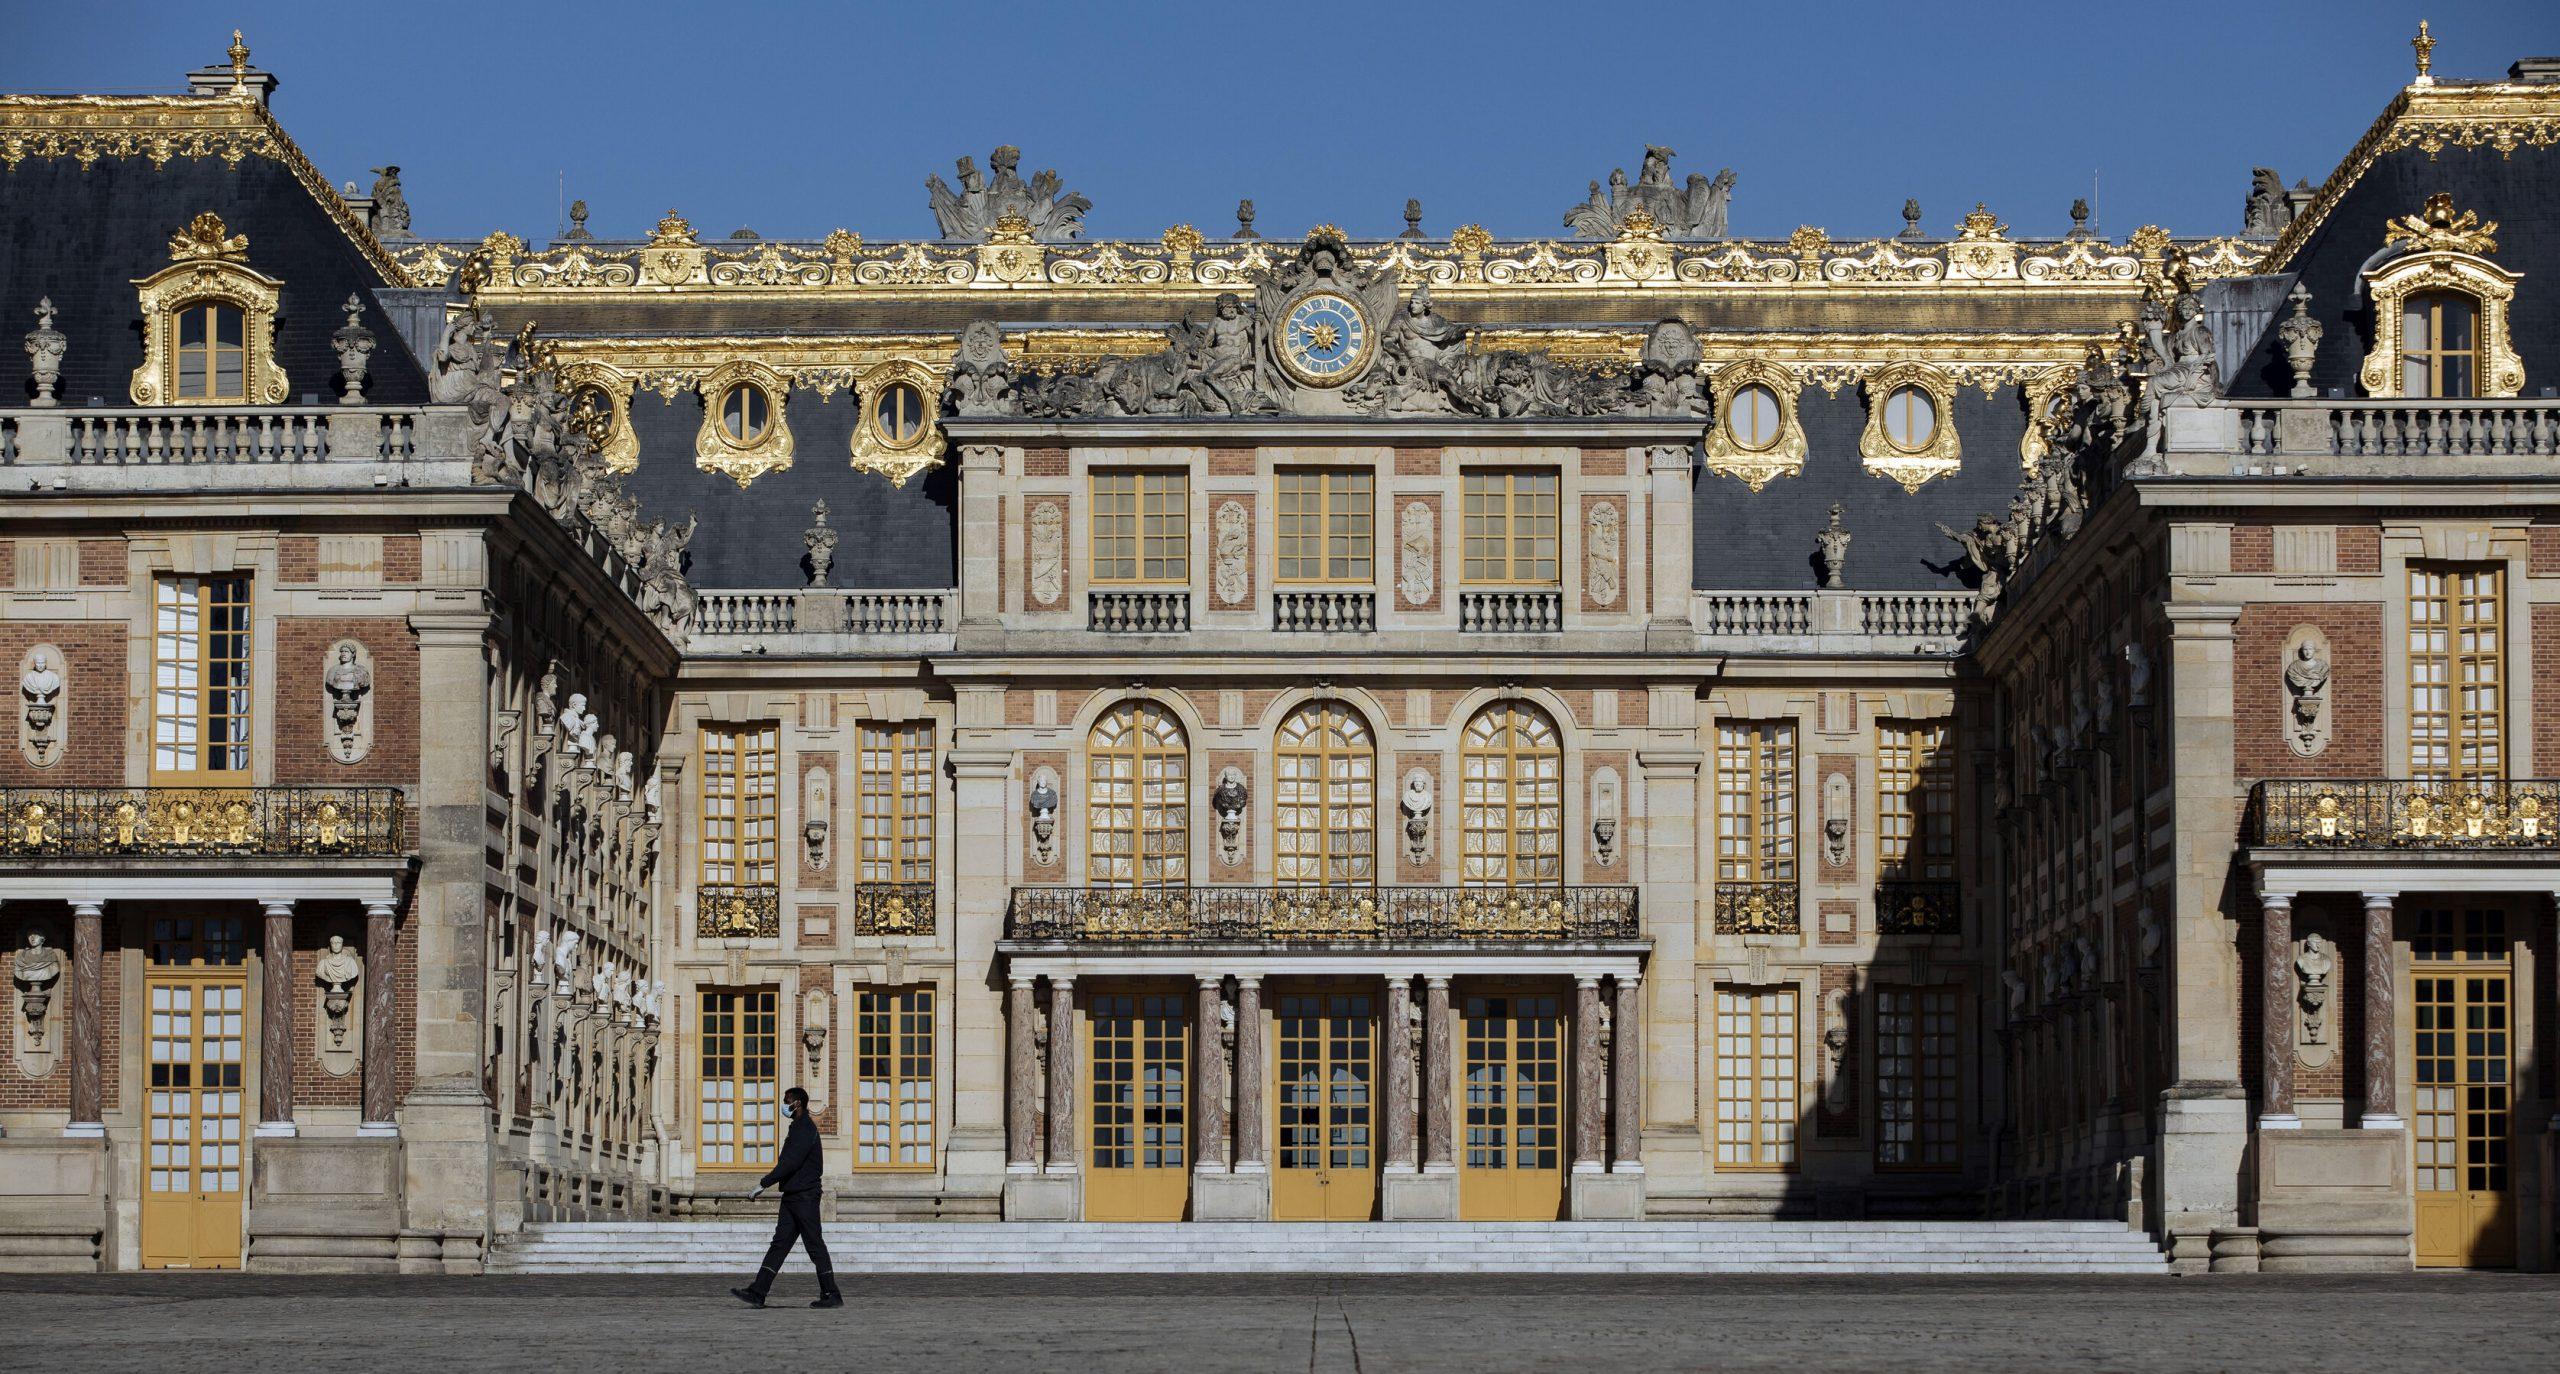 Franța  Relaxarea restricțiilor se realizează în 4 etape. Până la 1 iulie vor fi ridicate majoritatea măsurilor